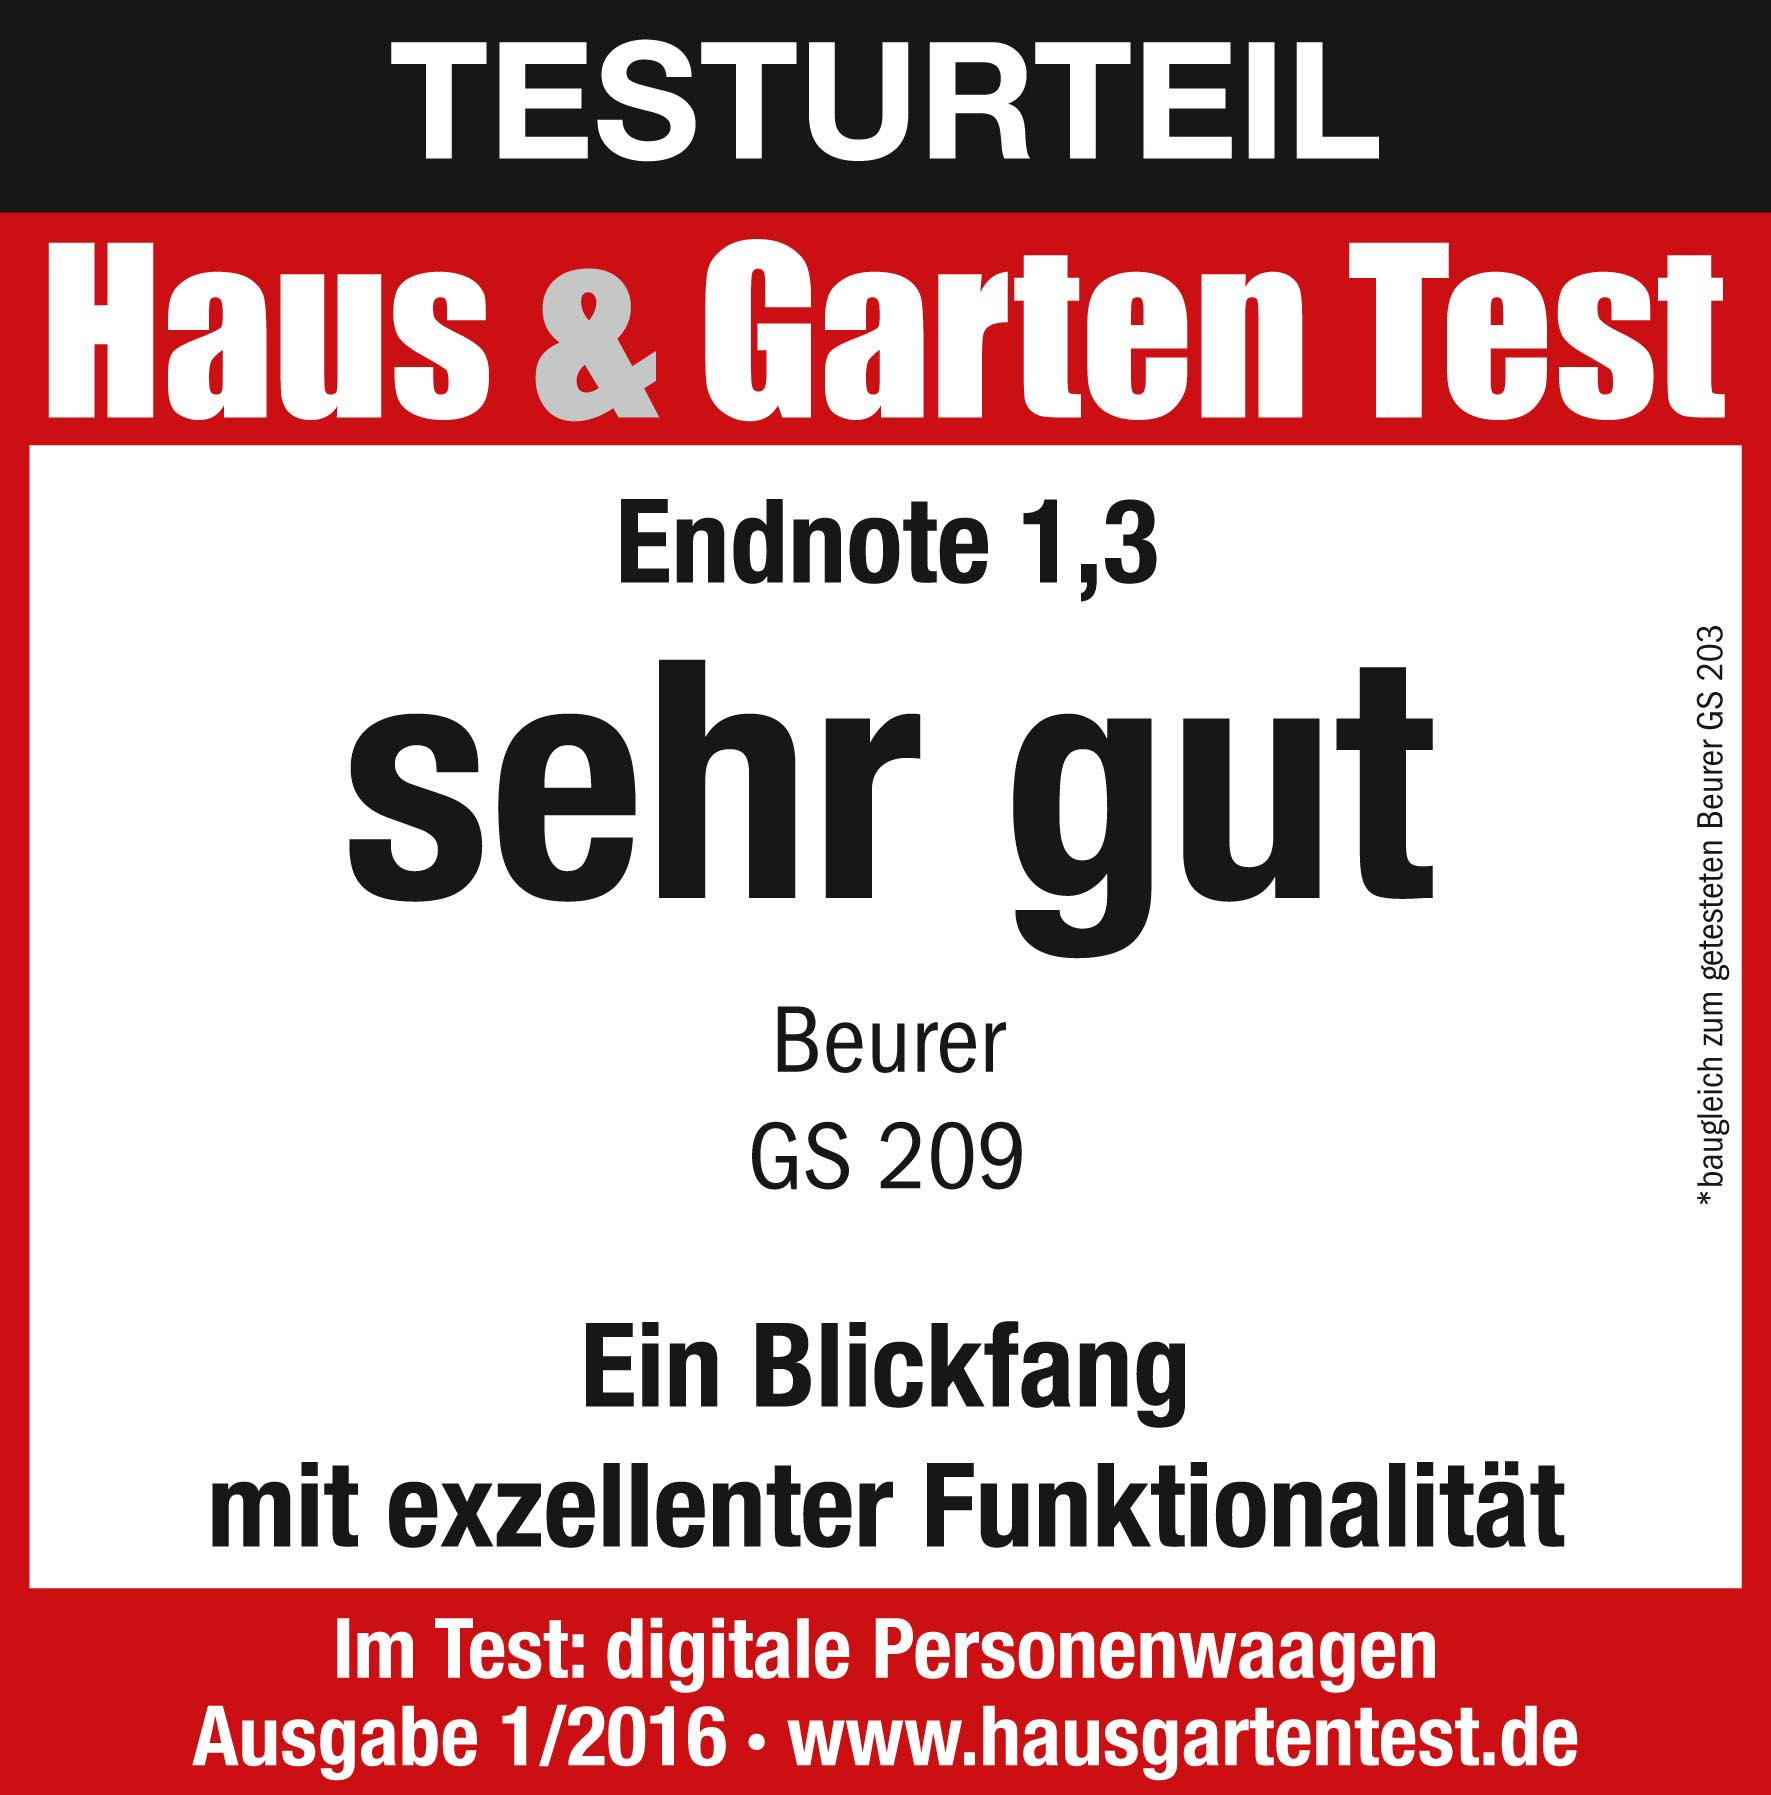 Risultato del test: (1,3) ottimo per la bilancia in vetro GS 209 Beauty di Beurer, 01/2016